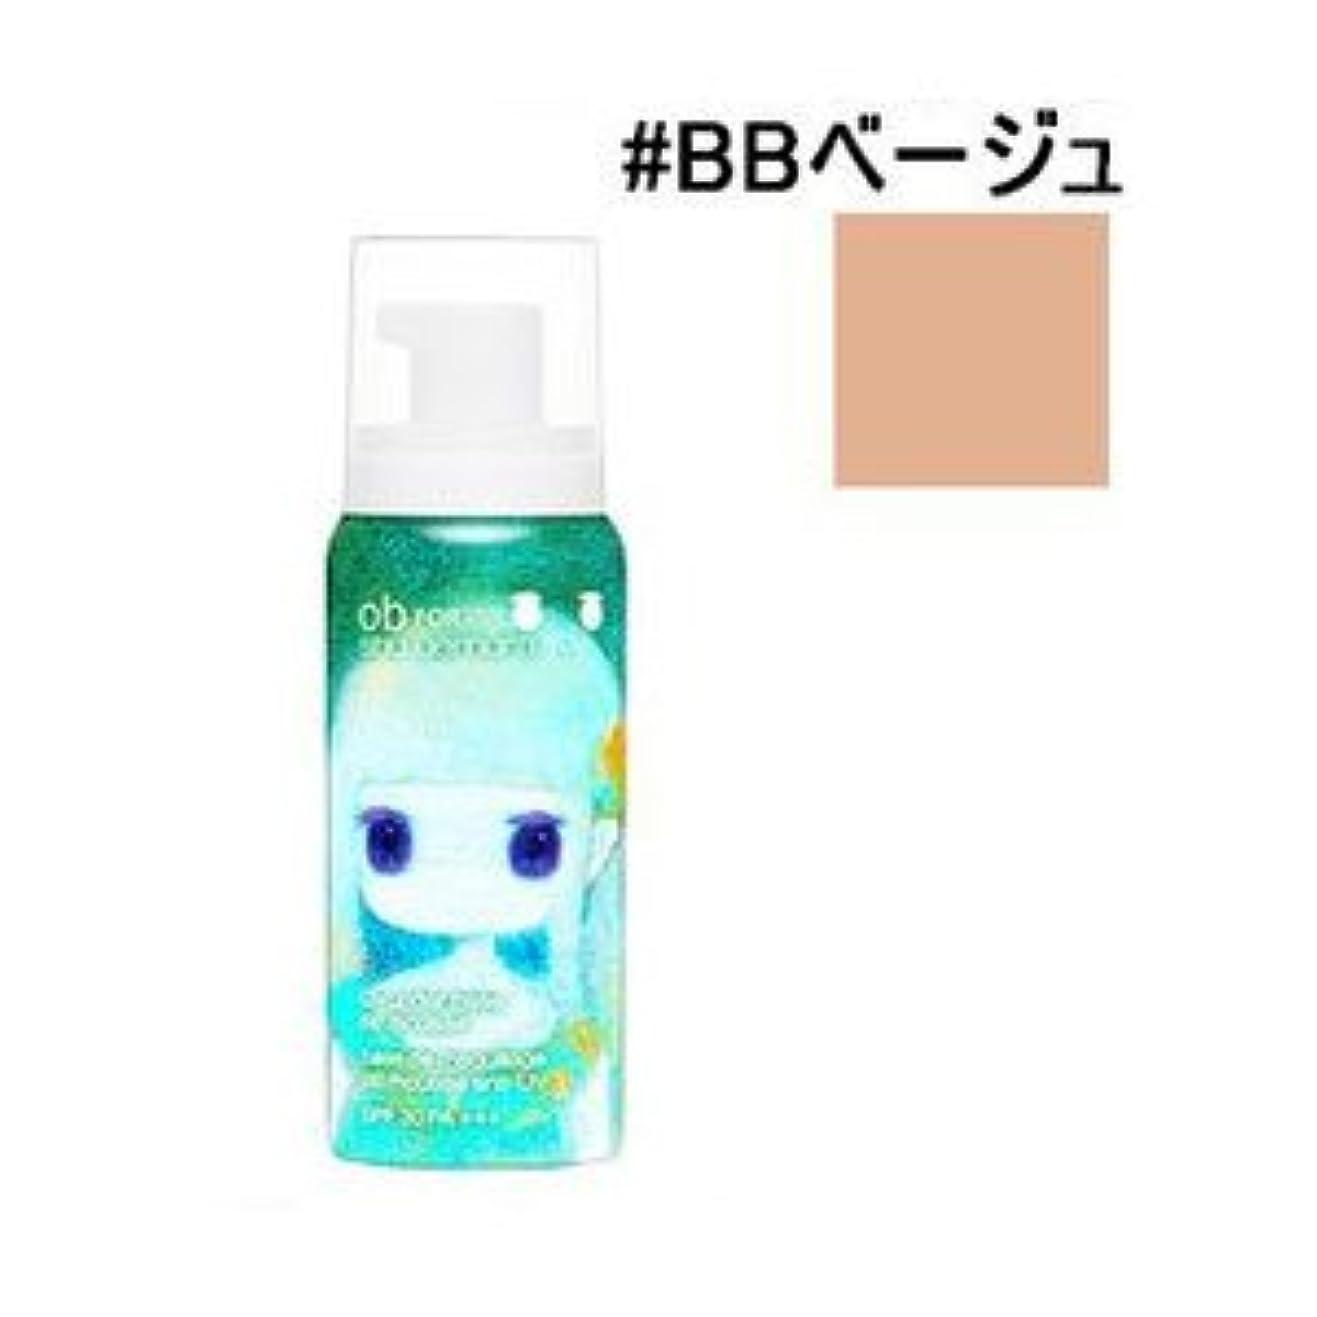 悩む奇跡的な準備shu uemura シュウ ウエムラ<br>UV アンダー ベース ムース #BB beige<br>SPF 30 ? PA+++<br>65g [並行輸入品]